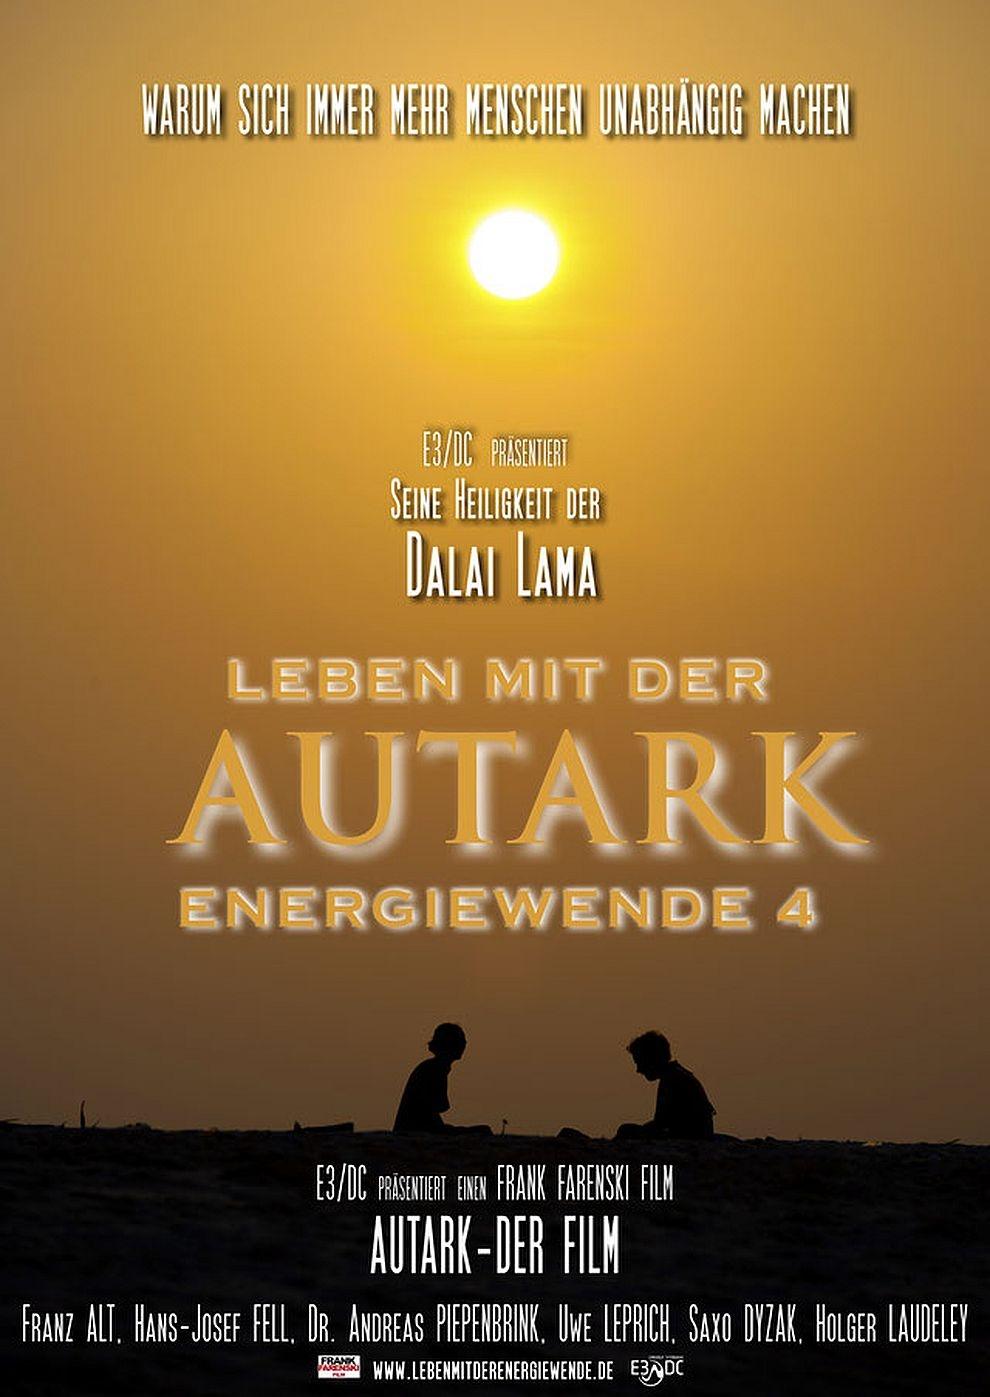 Autark - Leben mit der Energiewende 4 (Poster)